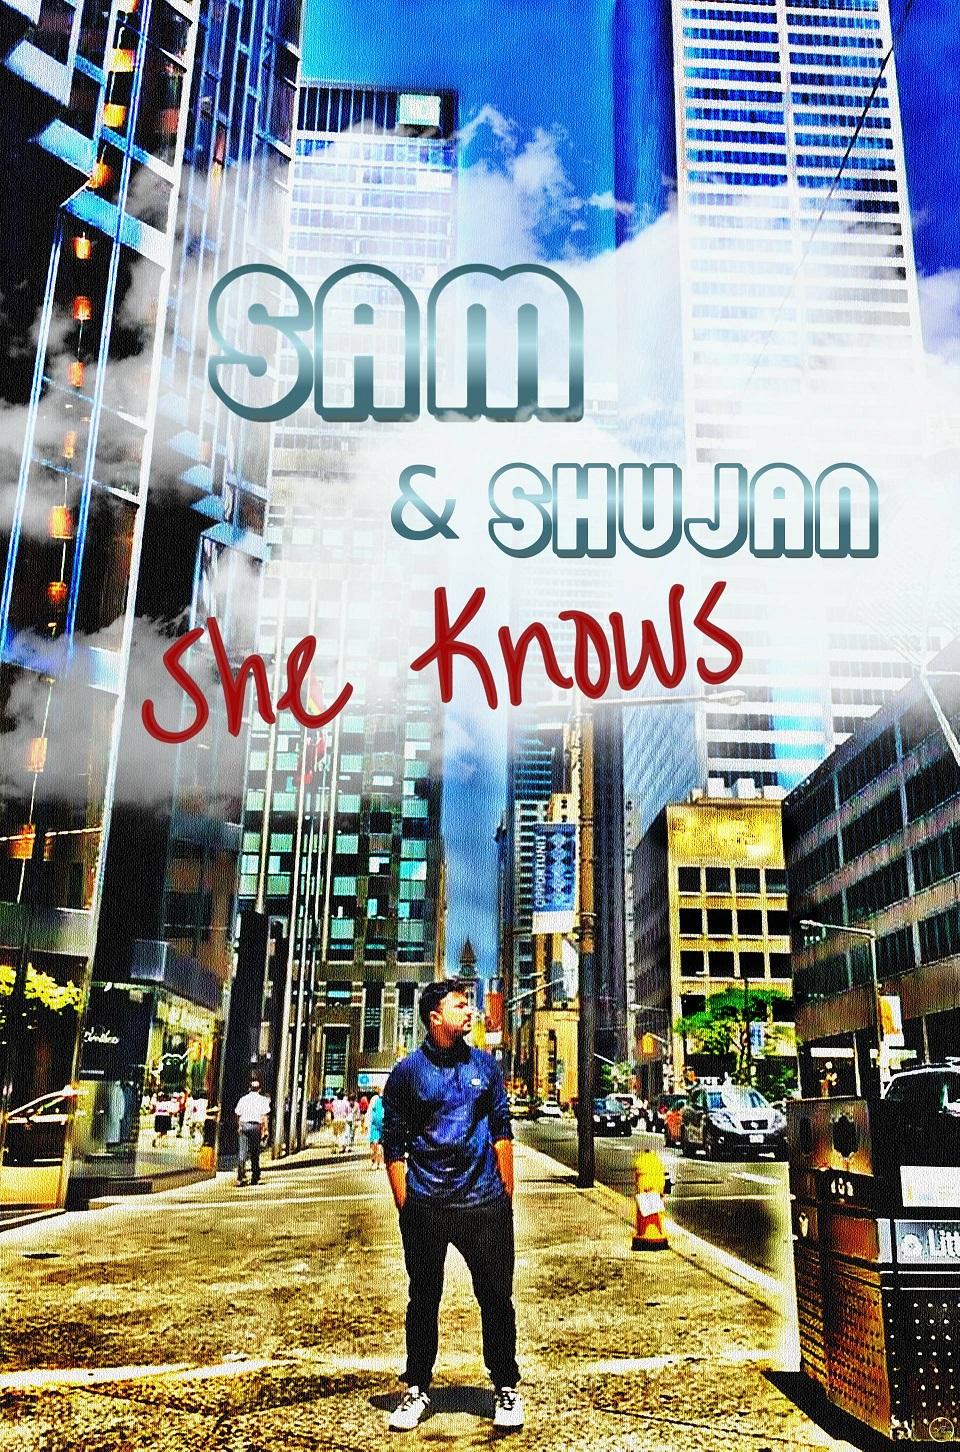 Sam and Shujan